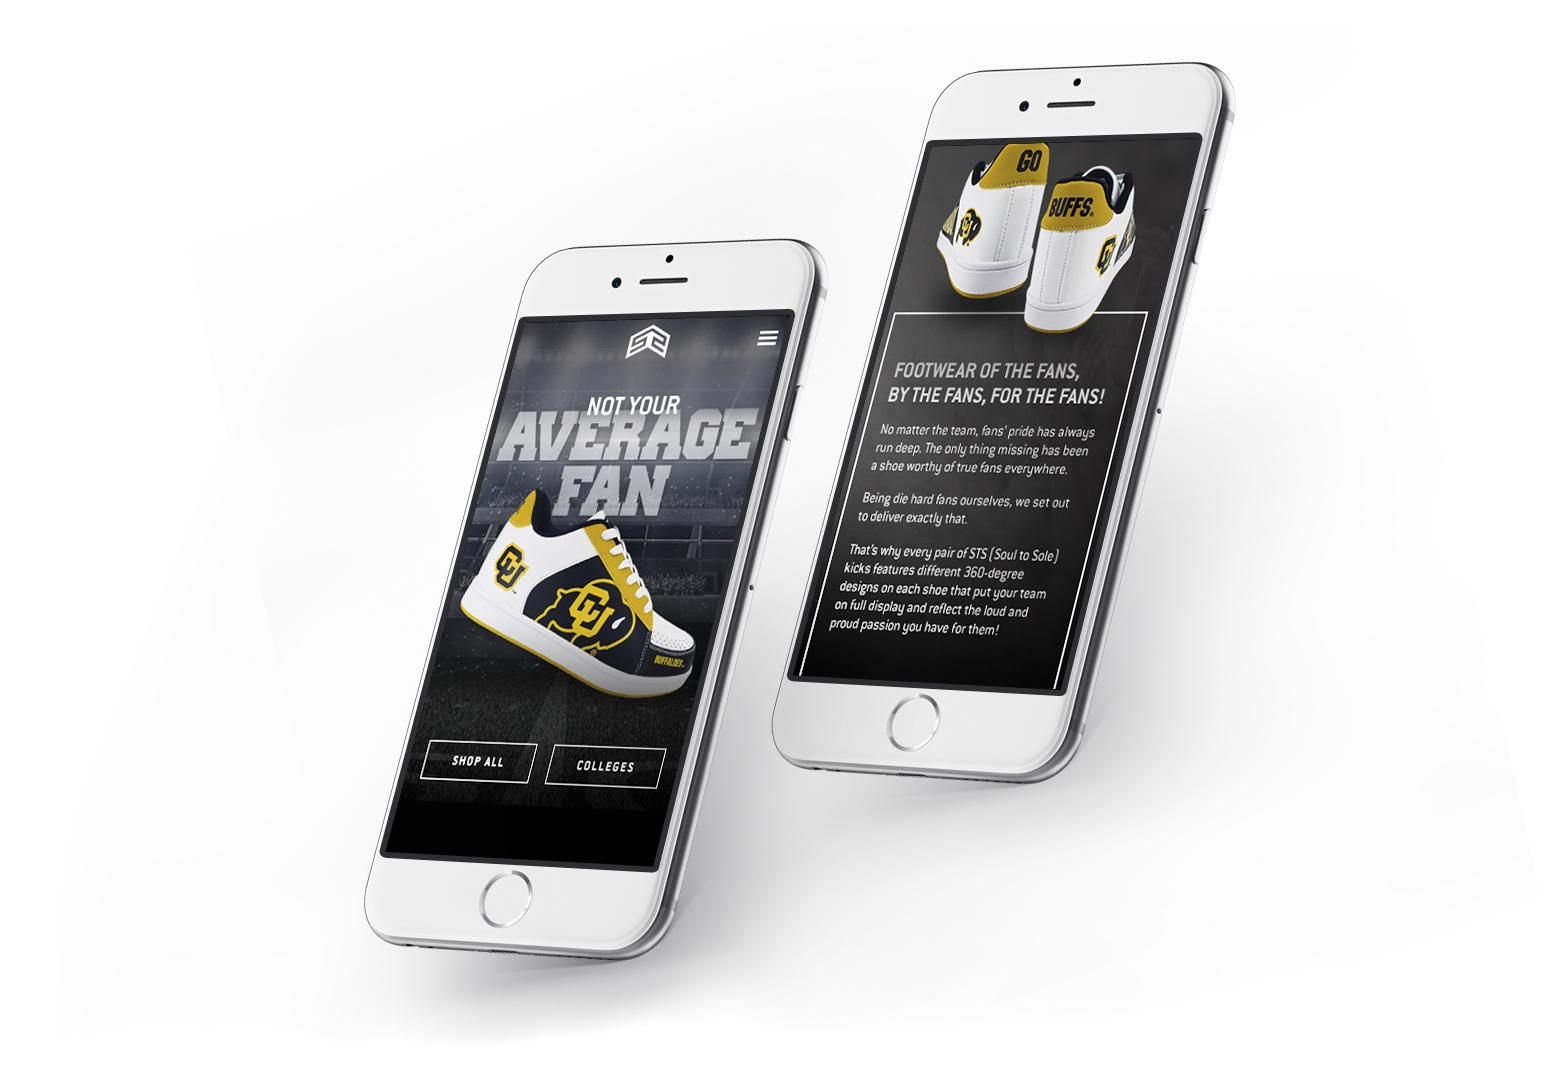 mobile website design for sts footwear